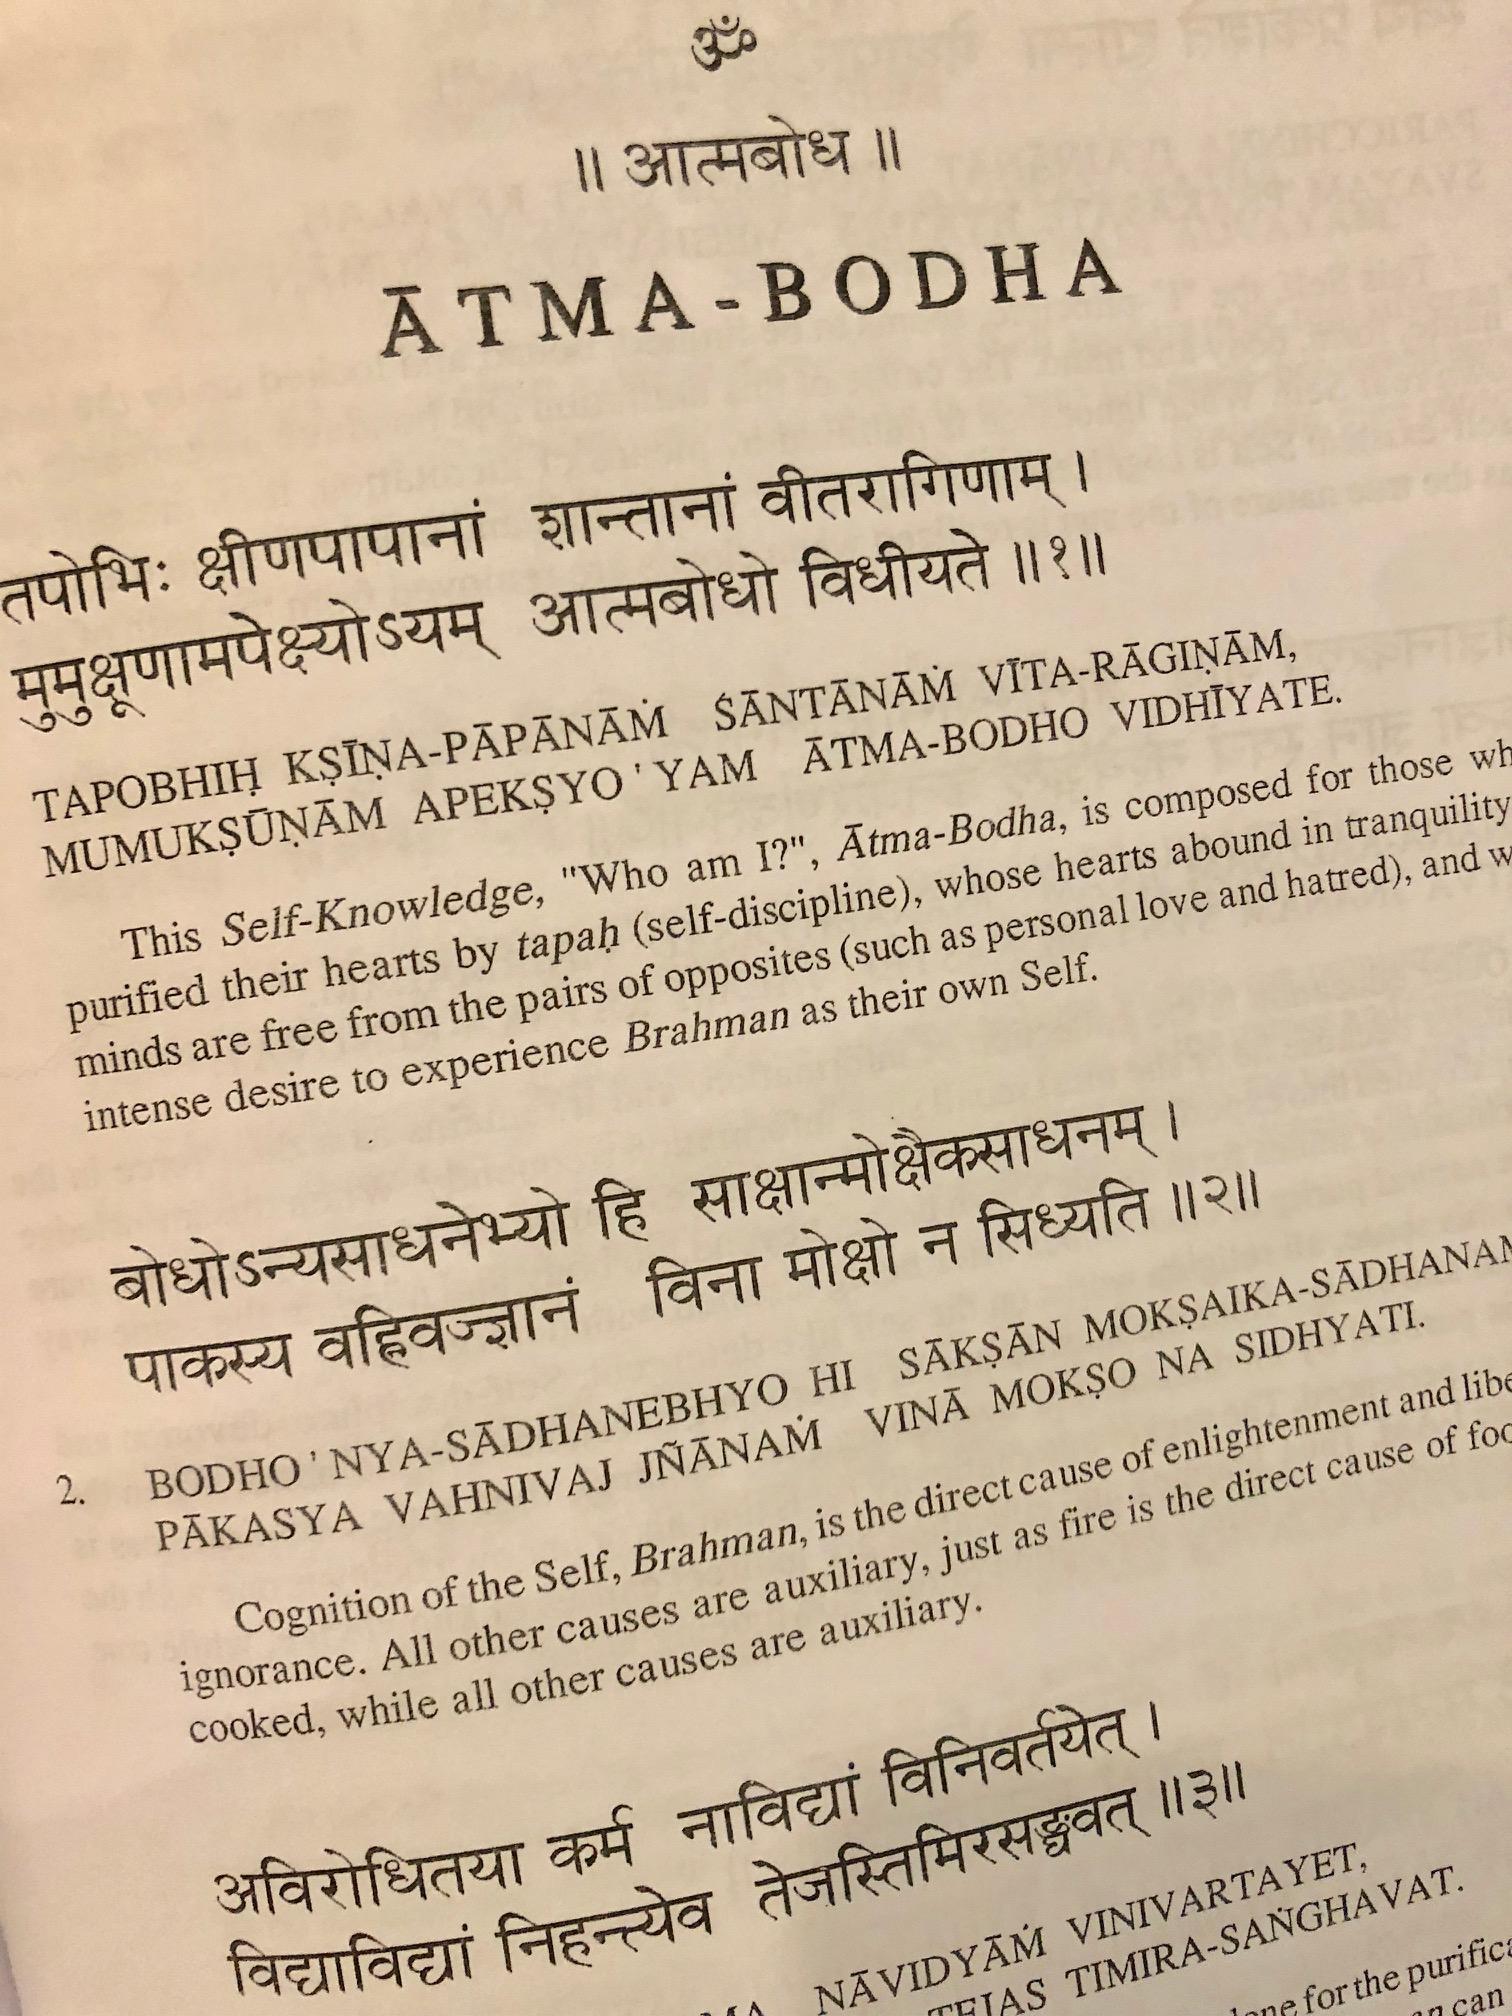 Luminous Soul Archives - Sanskrit Studies